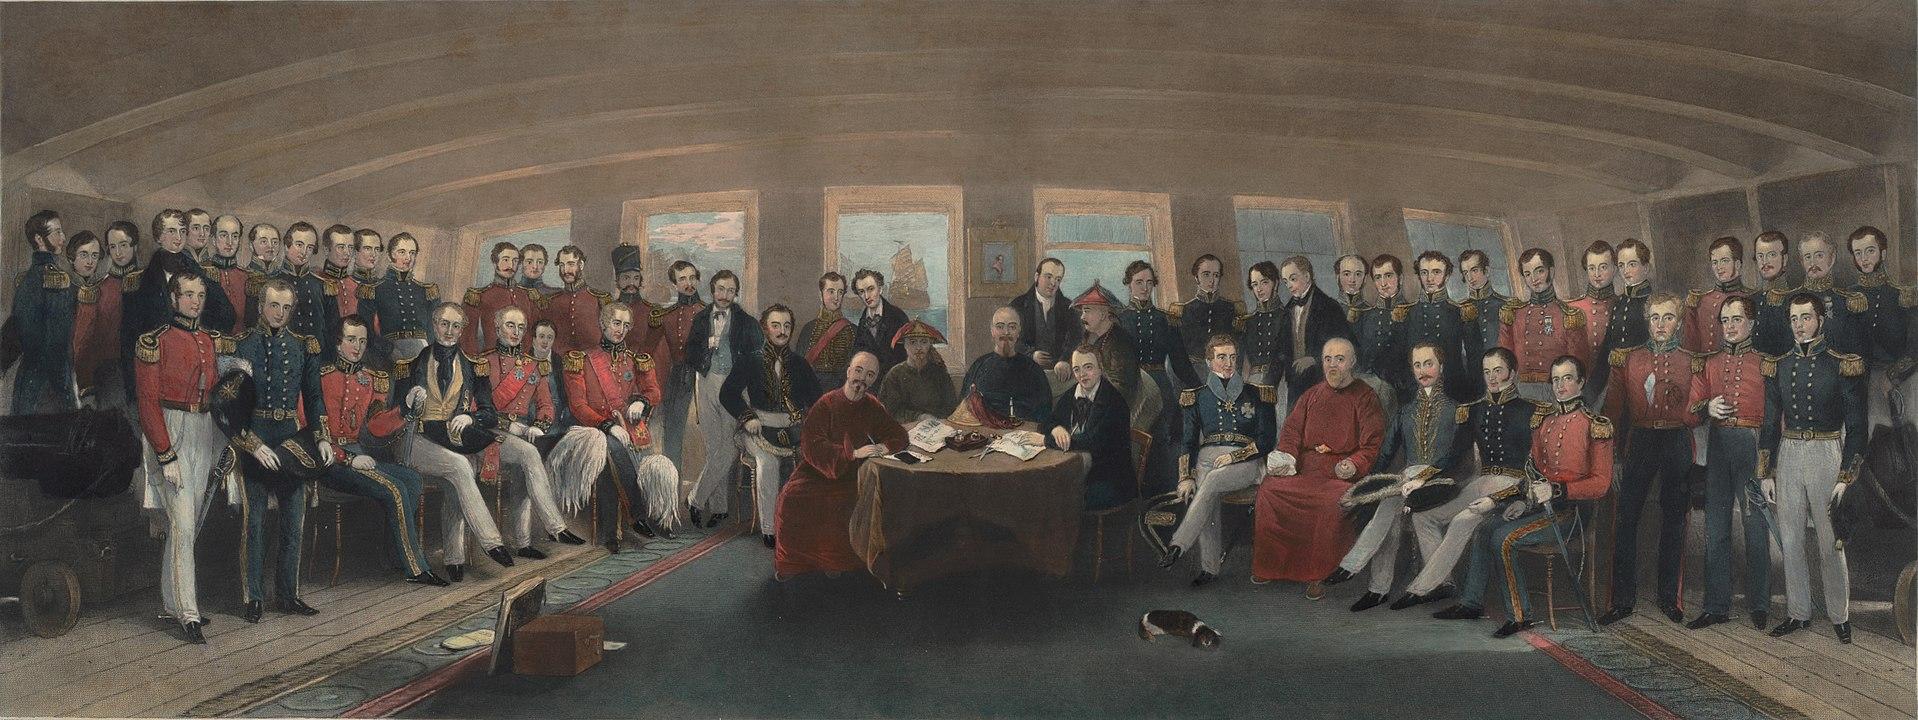 Firma del tratado de Nanking. 1842